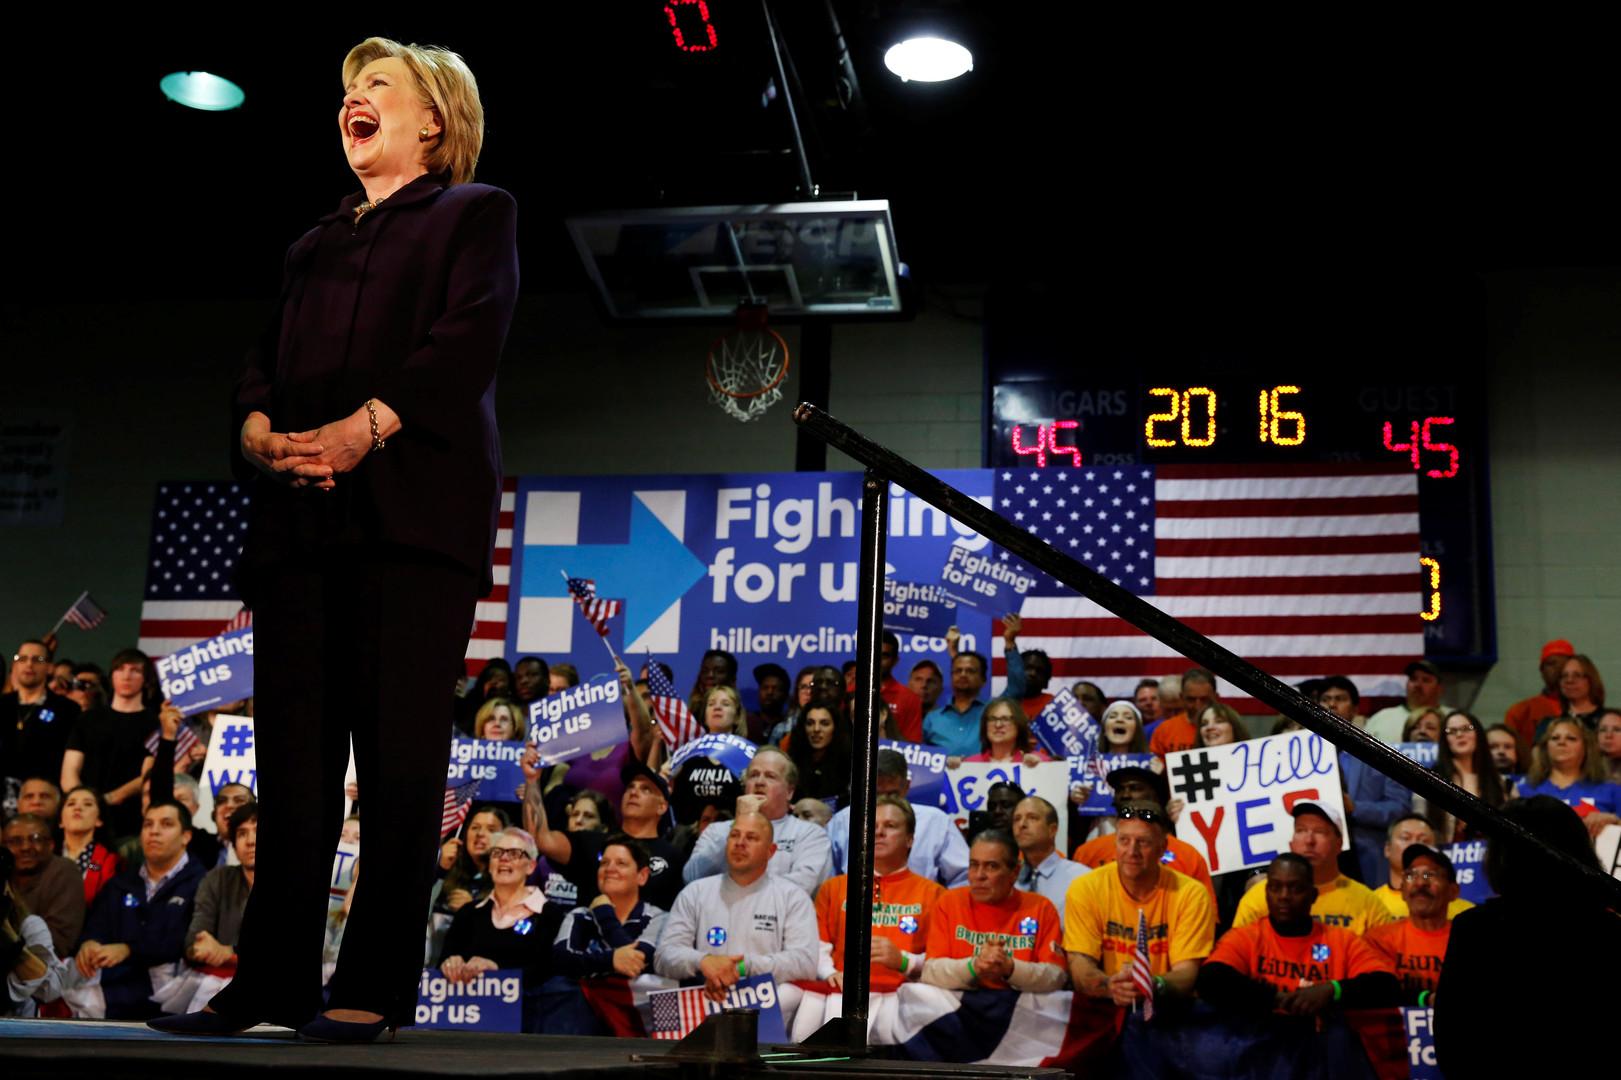 Третьему не дано: Сандерс не сдаётся, но Клинтон готовится к битве с Трампом